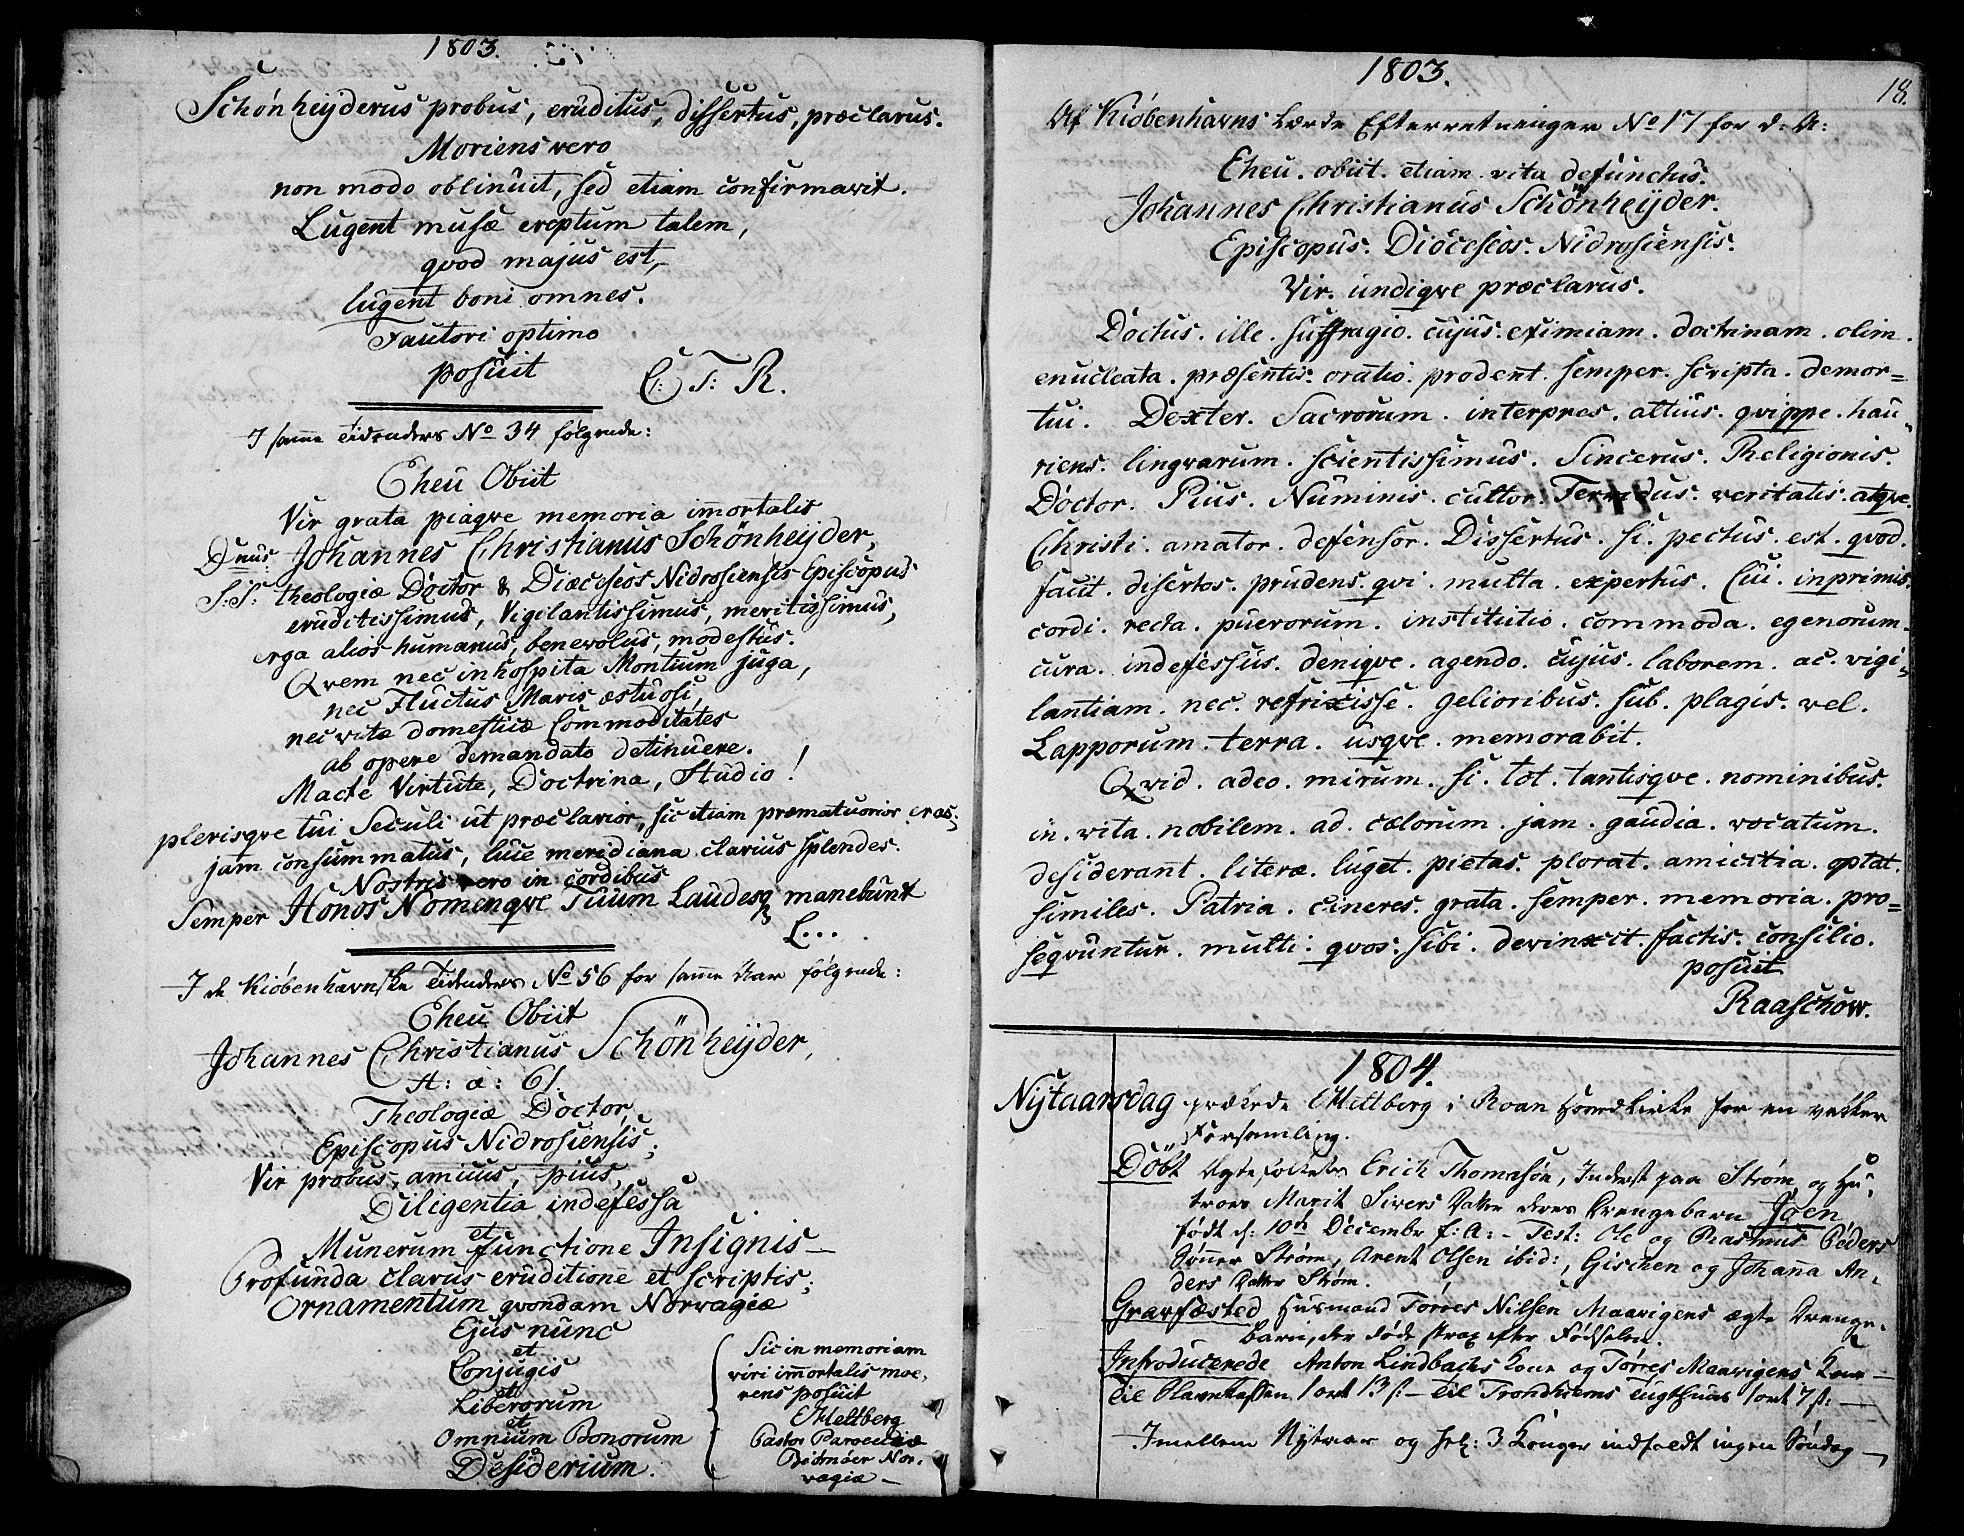 SAT, Ministerialprotokoller, klokkerbøker og fødselsregistre - Sør-Trøndelag, 657/L0701: Ministerialbok nr. 657A02, 1802-1831, s. 18